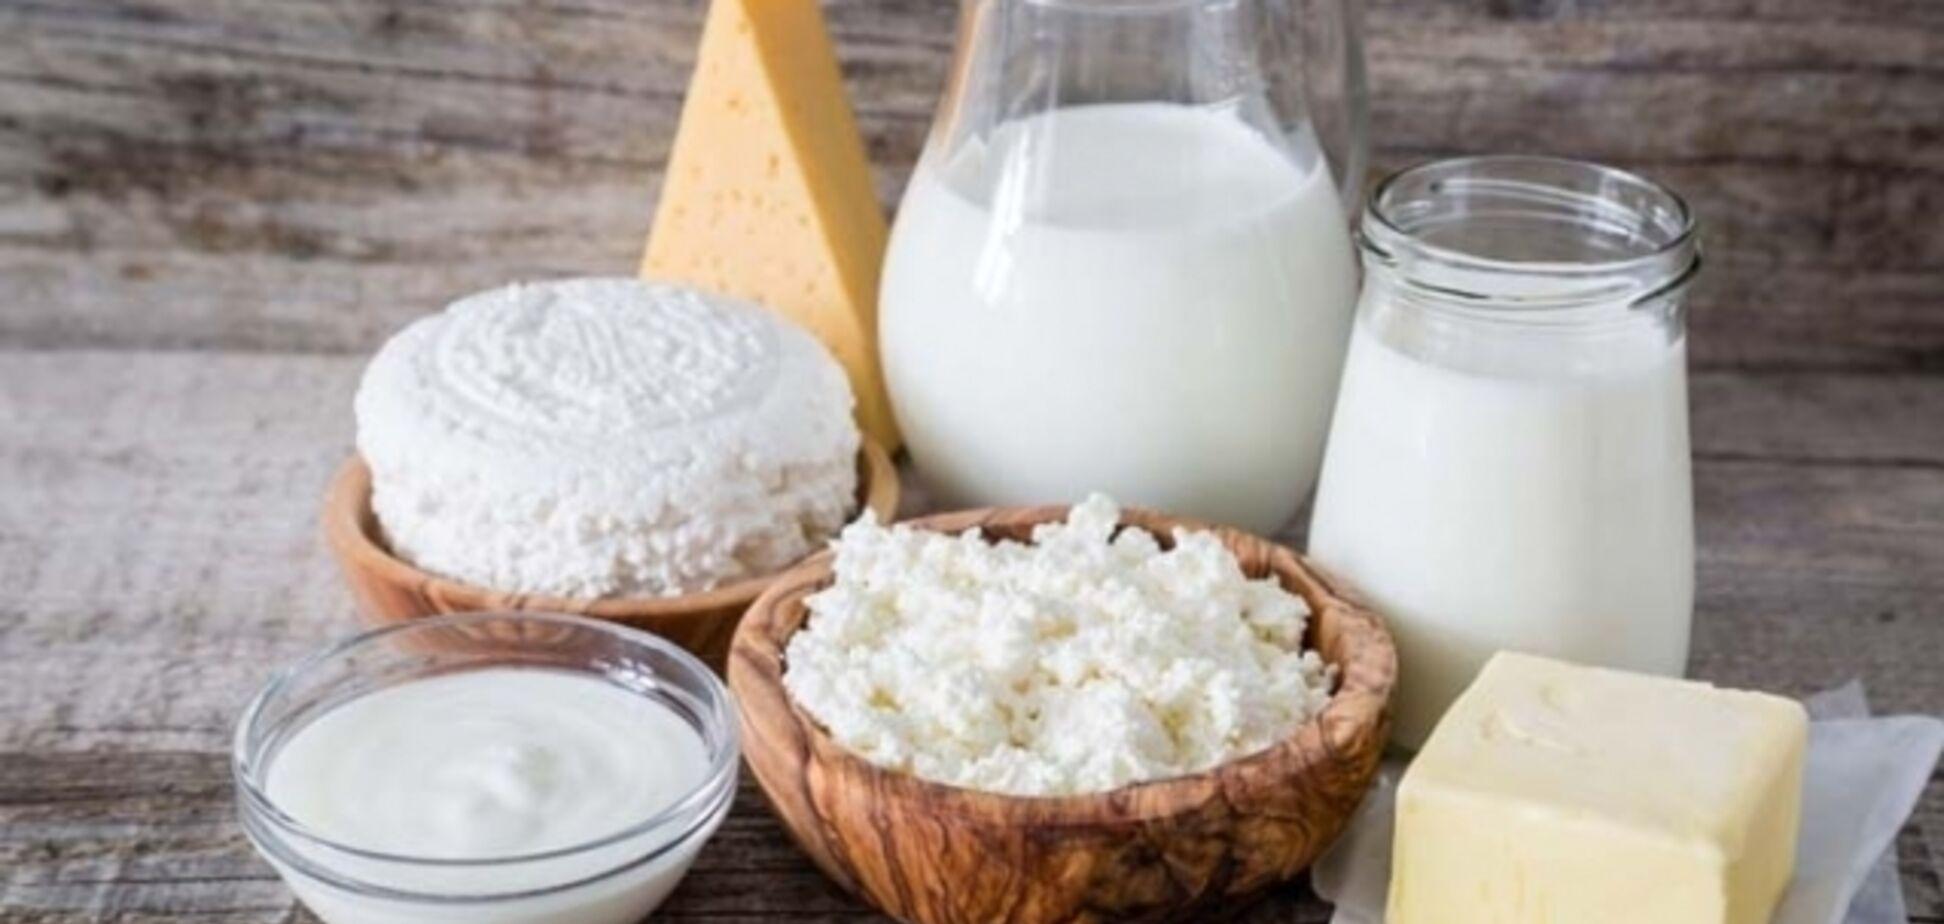 Названі п'ять вагомих причин, щоб виключити молочні продукти з раціону